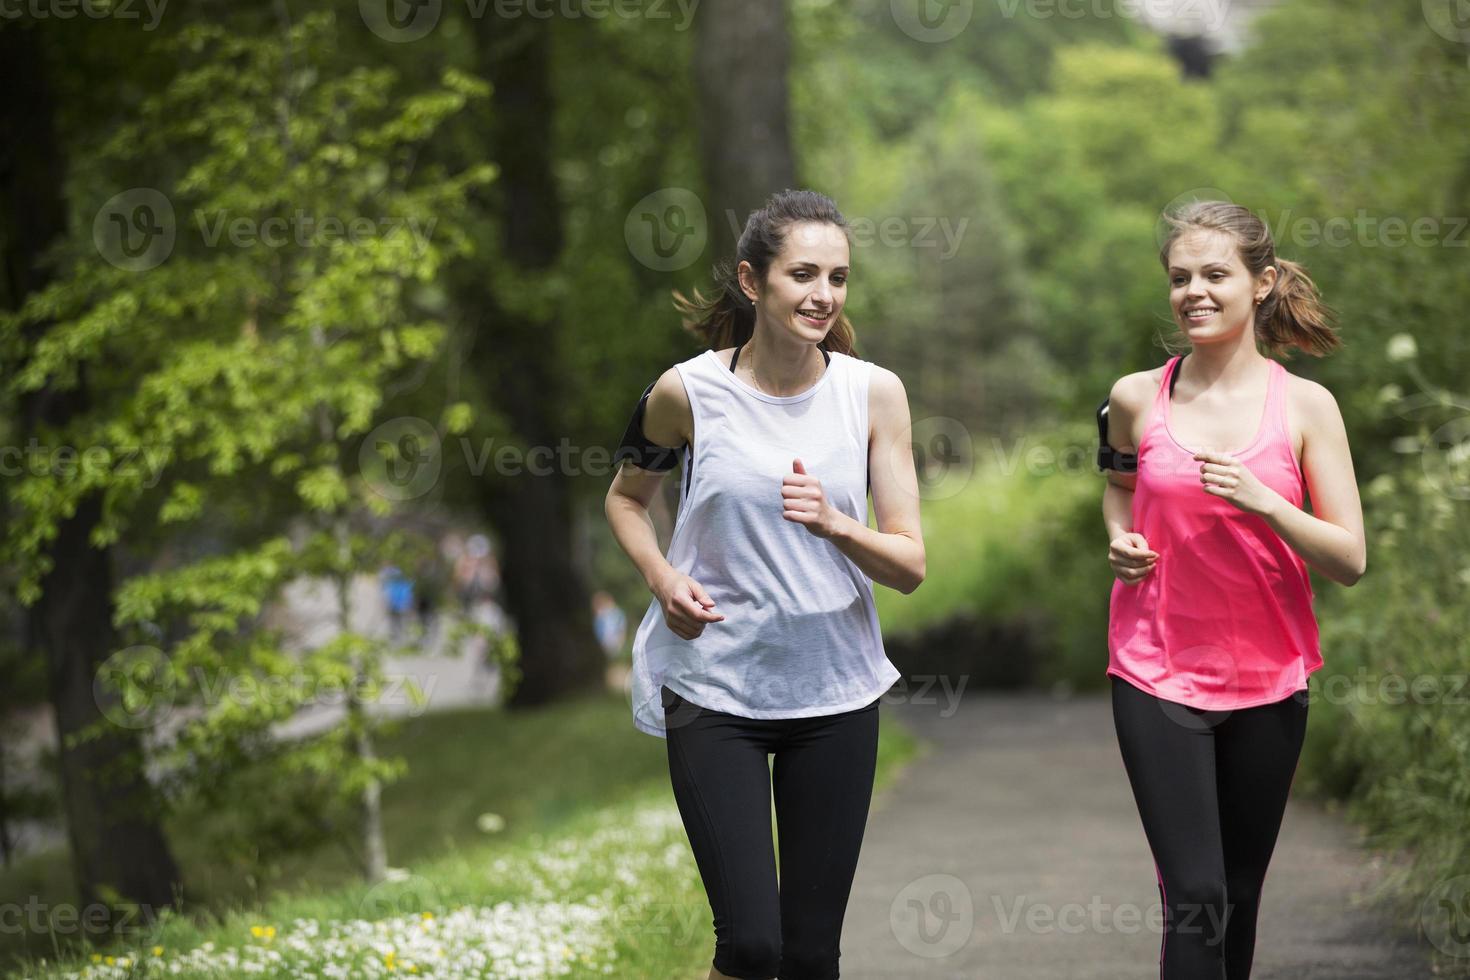 zwei sportliche Frauen, die im Freien in einer natürlichen Umgebung laufen. foto